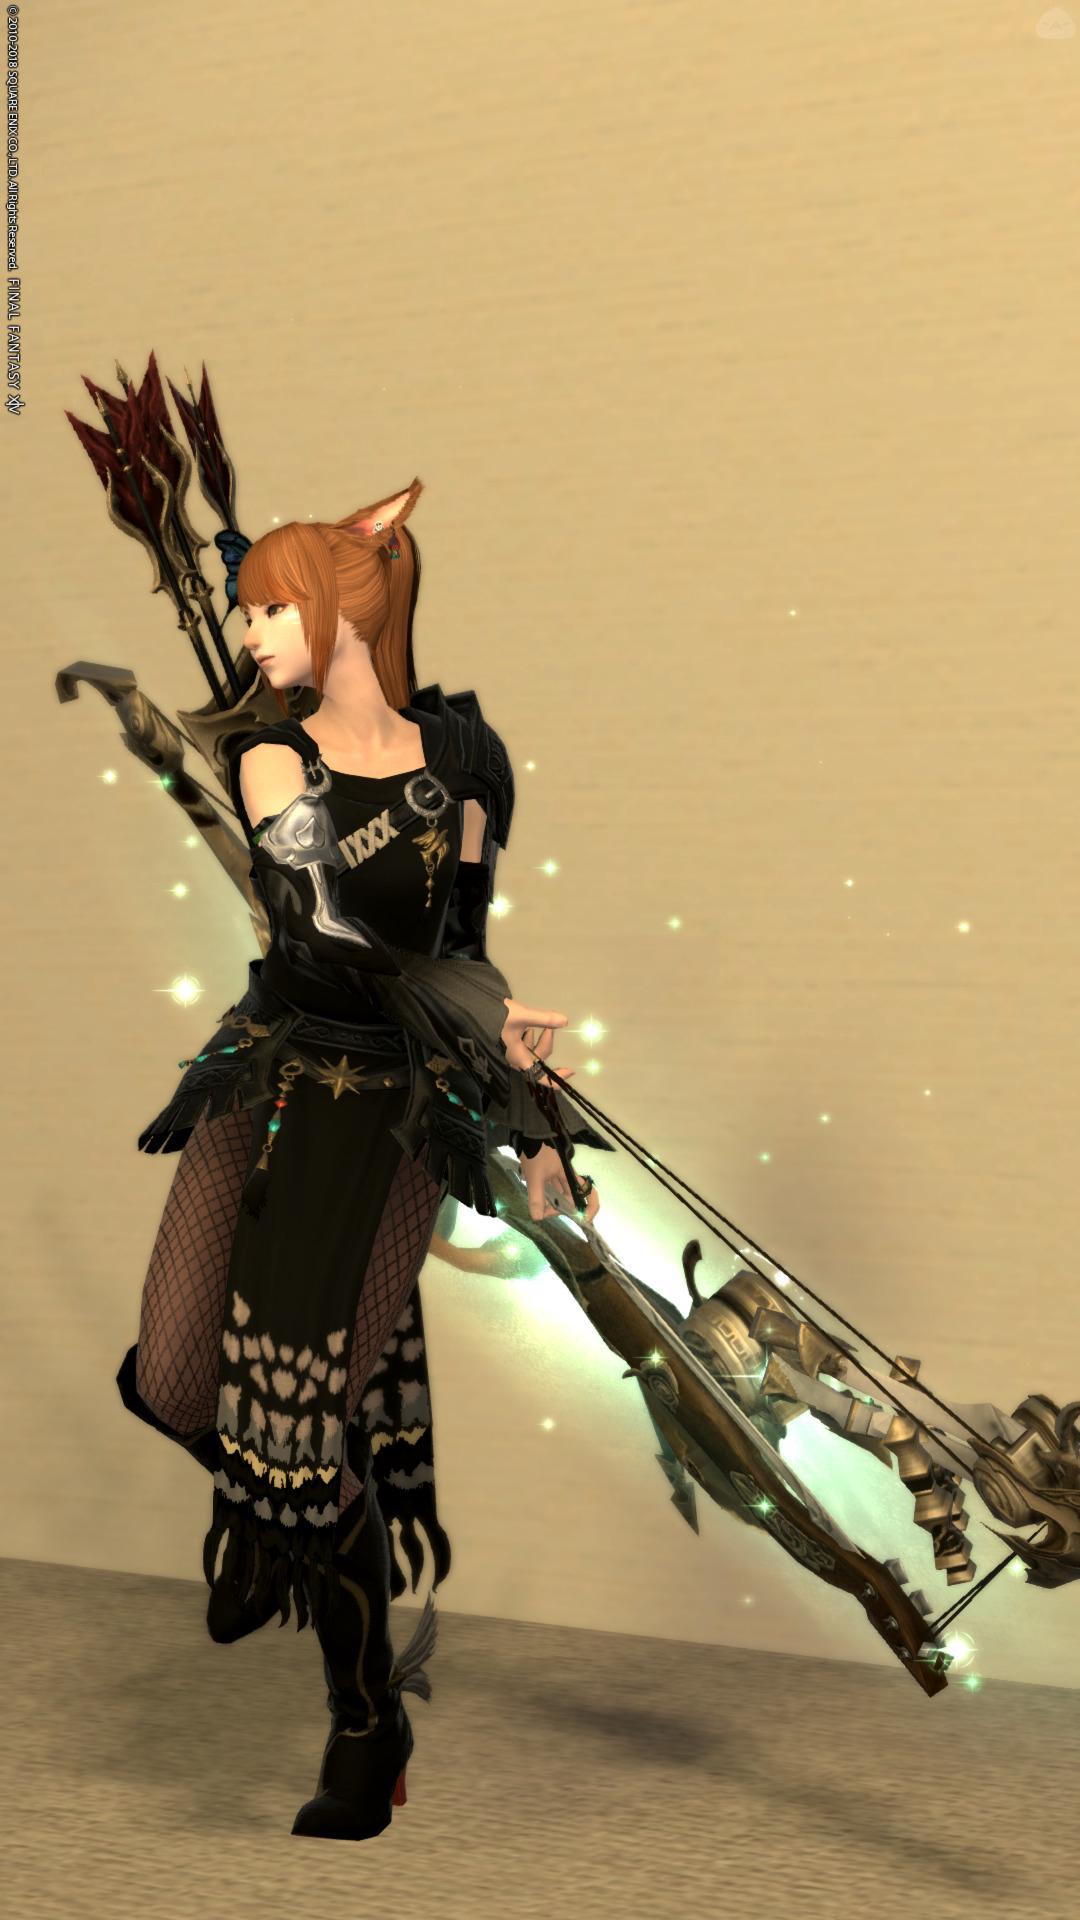 Noir archer